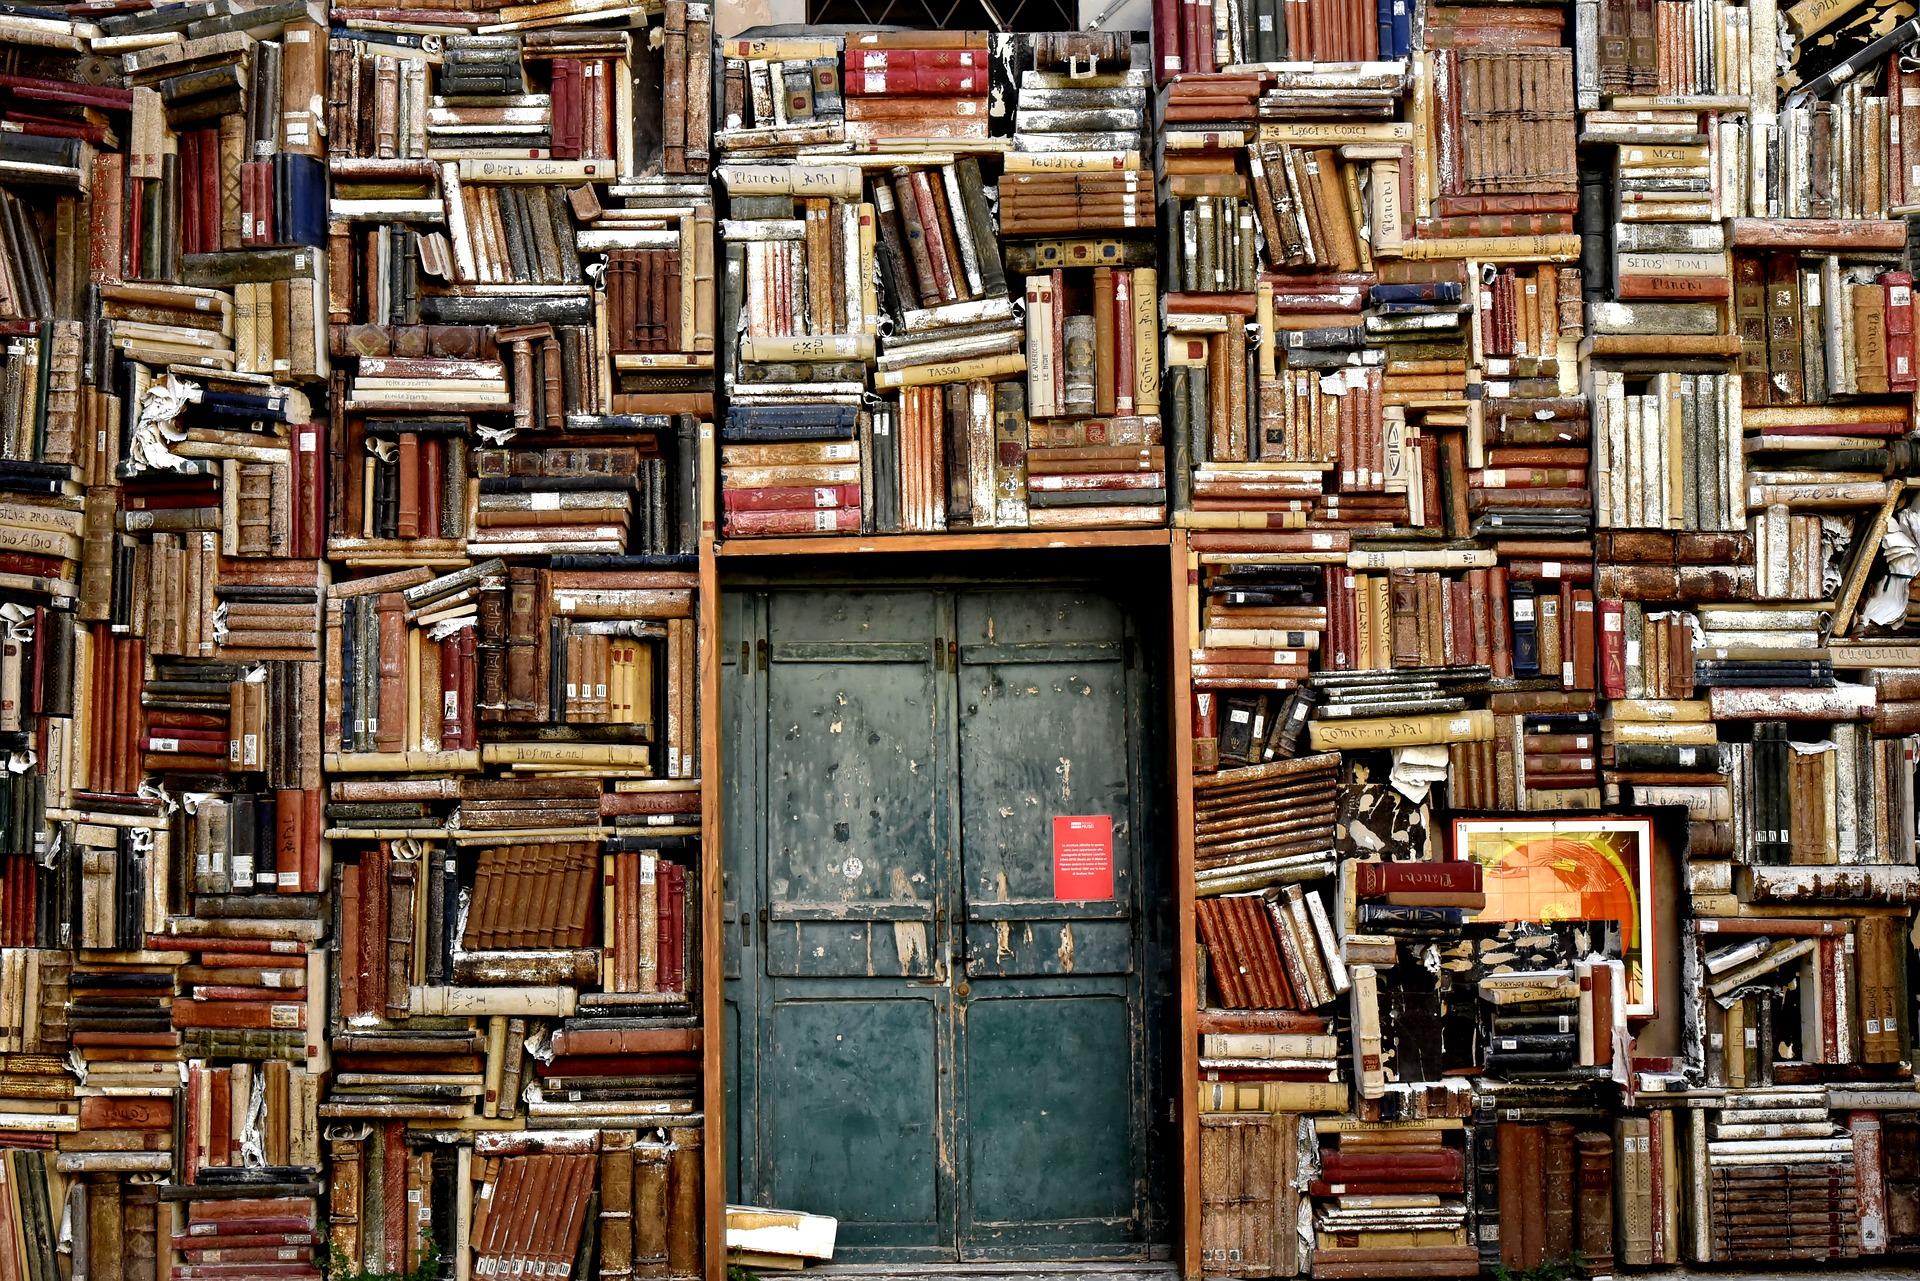 Bücher machen jeden Wohnraum gemütlich.